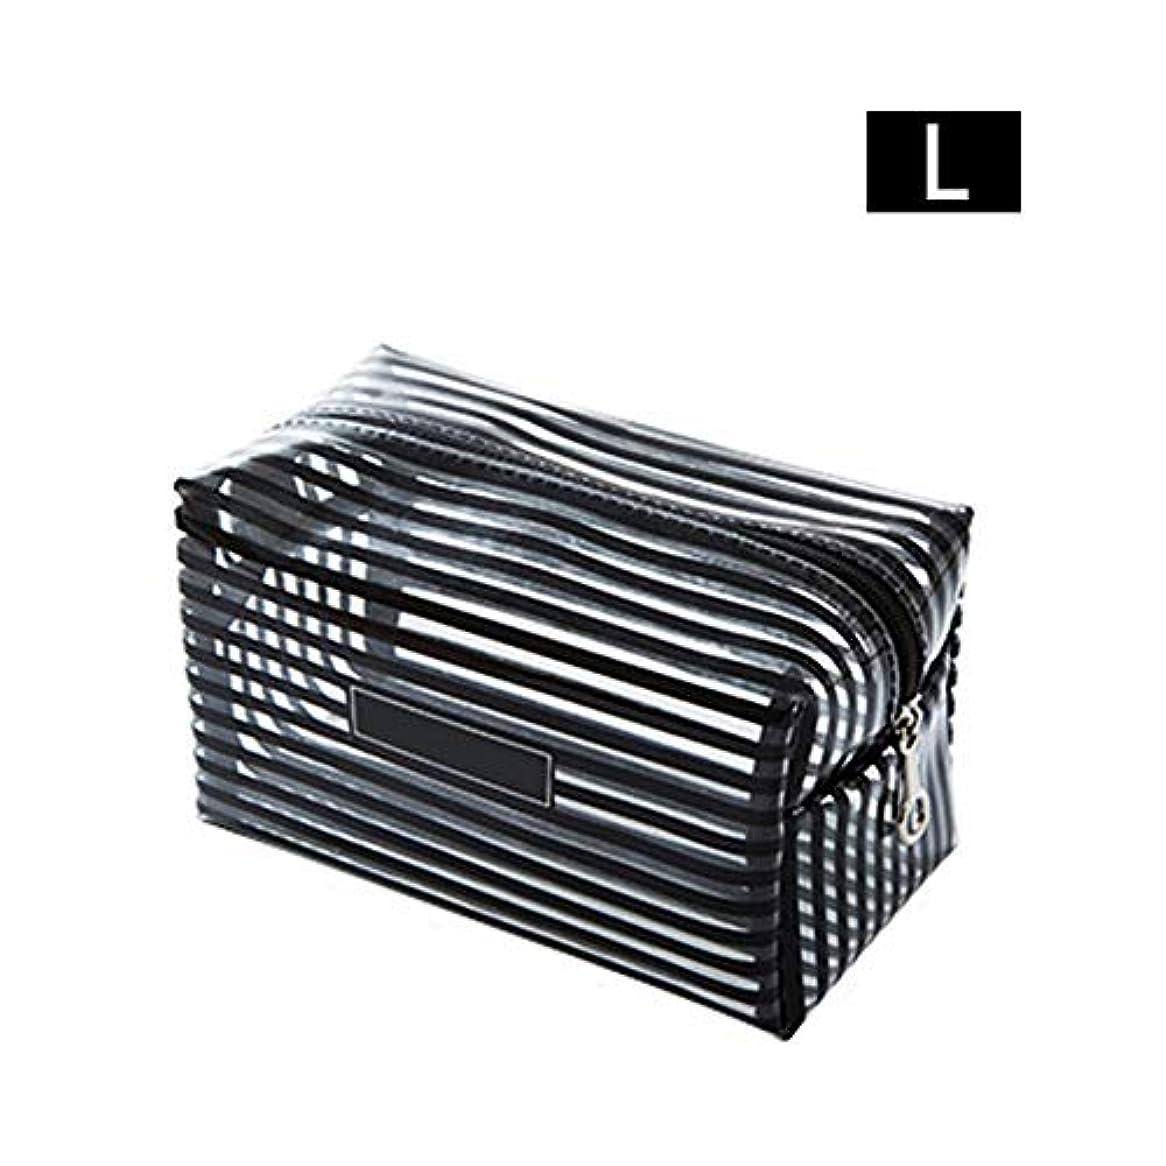 あざイディオムグラディスLing(リンー) 透明化粧ポーチ おしゃれ メイクポーチ 収納ケース 化粧品収納 小物収納 耐久性 防水 PVC製